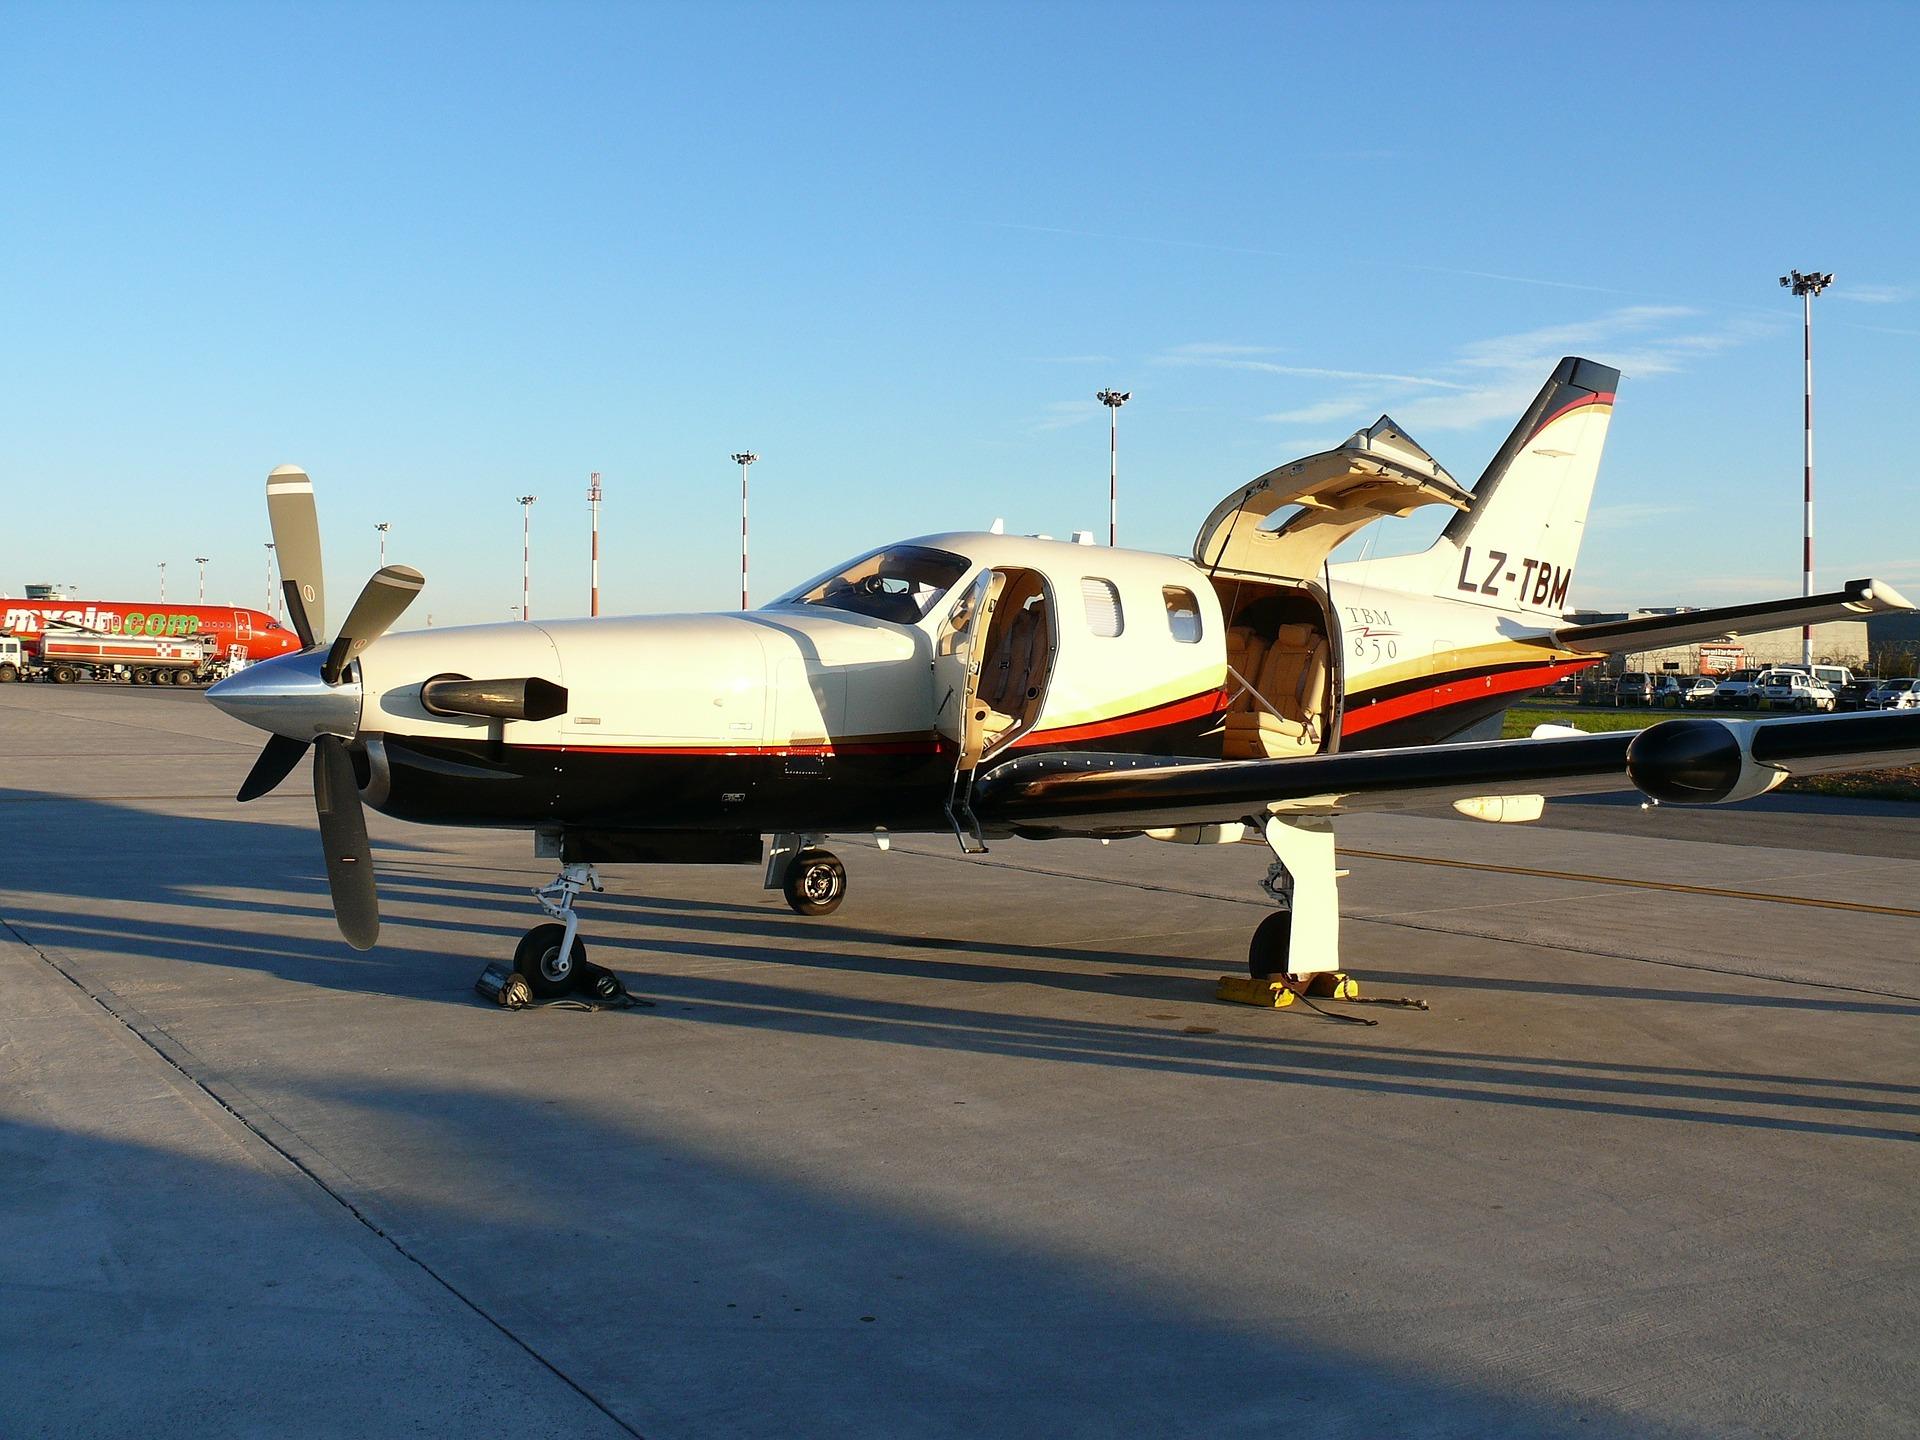 Բիզնես-ինքնաթիռի վարձակալության  4 գաղտնիք